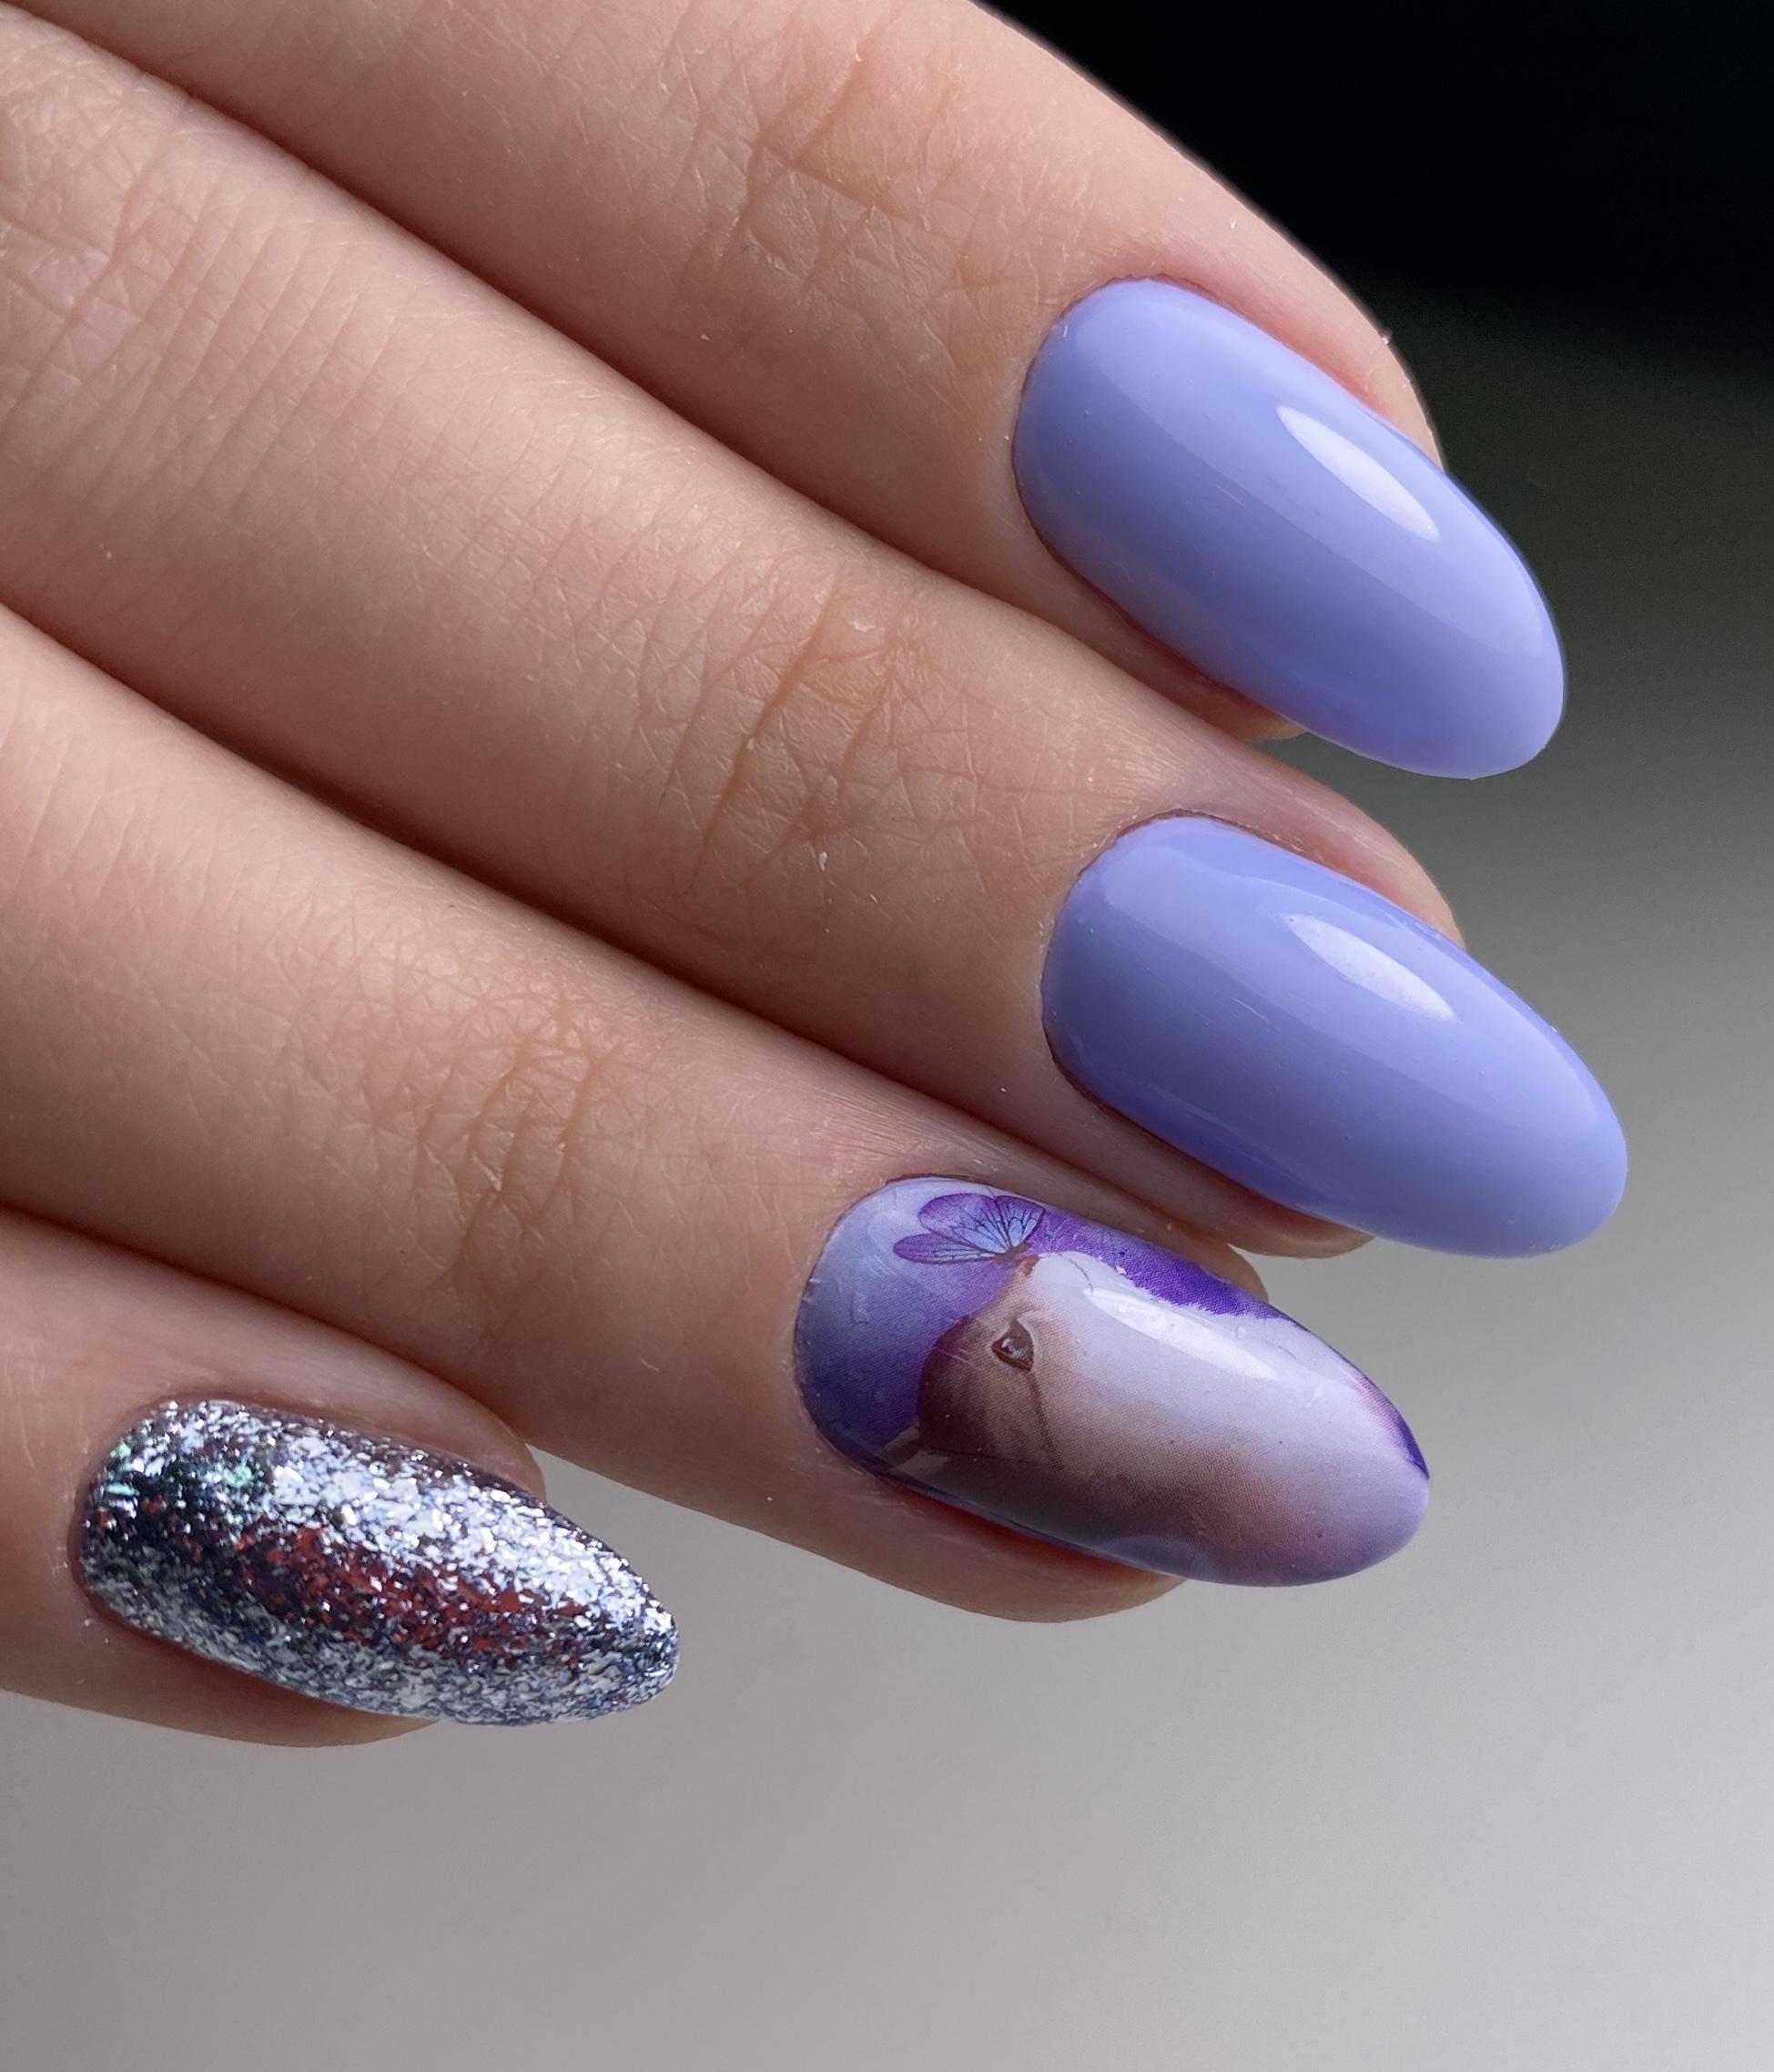 Маникюр с котиком и серебряными блестками в голубом цвете.